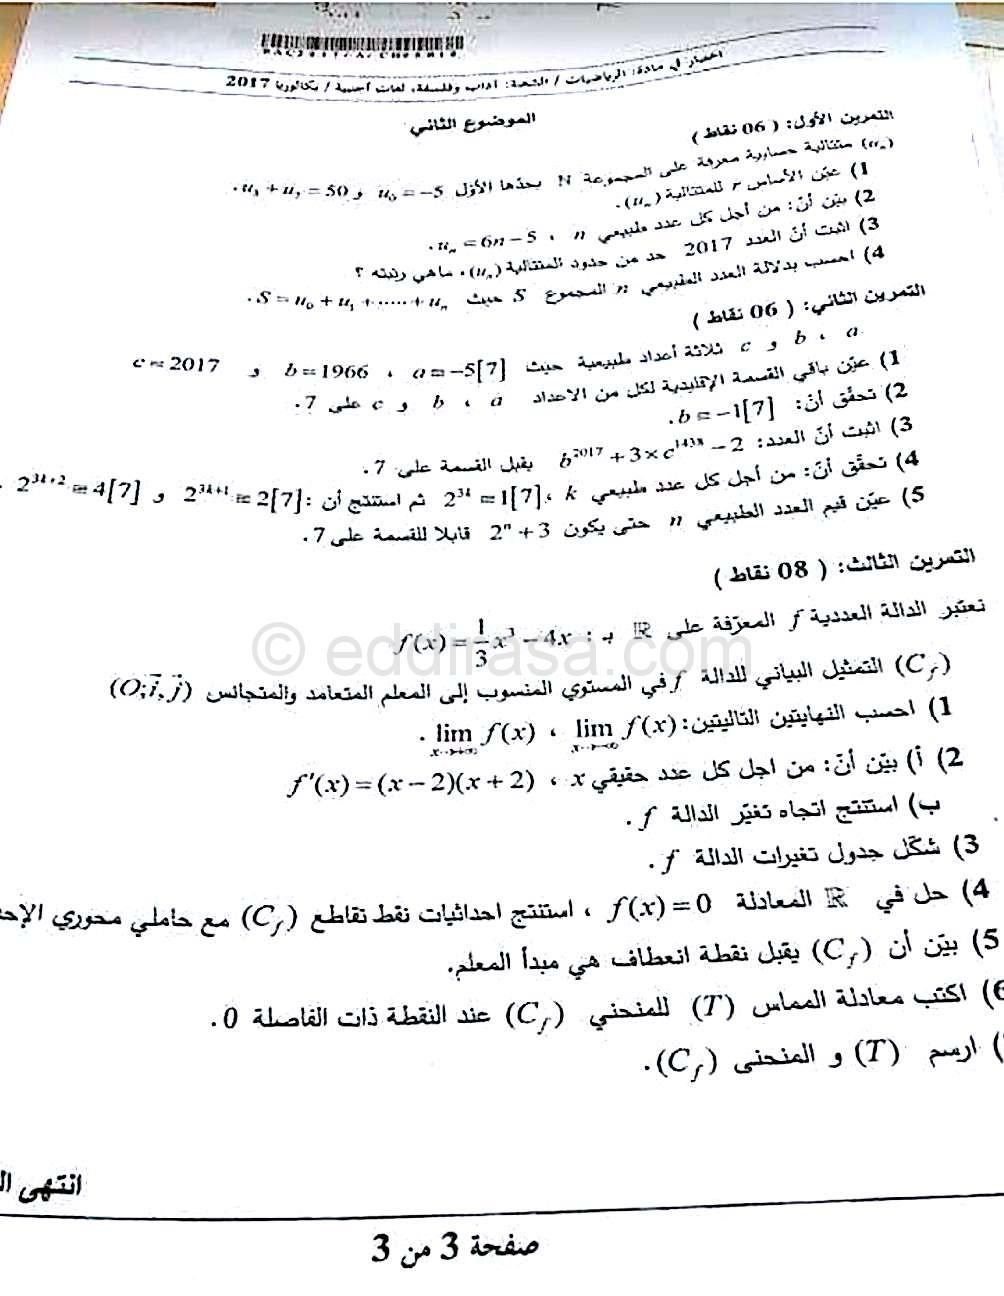 bac lit math 2017_3